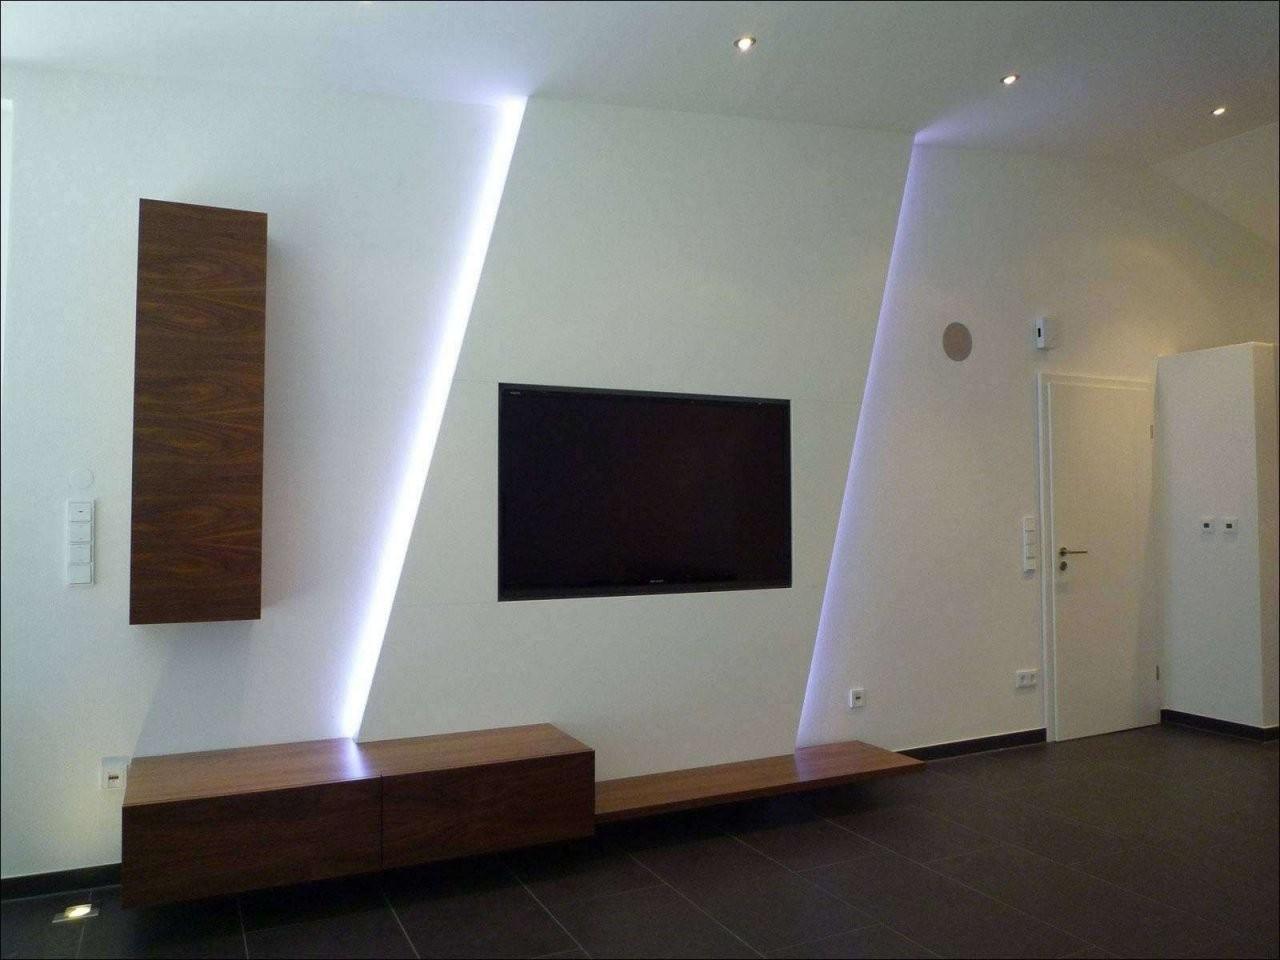 Steinwand Im Wohnzimmer Genial Wohnzimmer Tv Wand Selber Bauen von Fernseher Wand Selber Bauen Bild